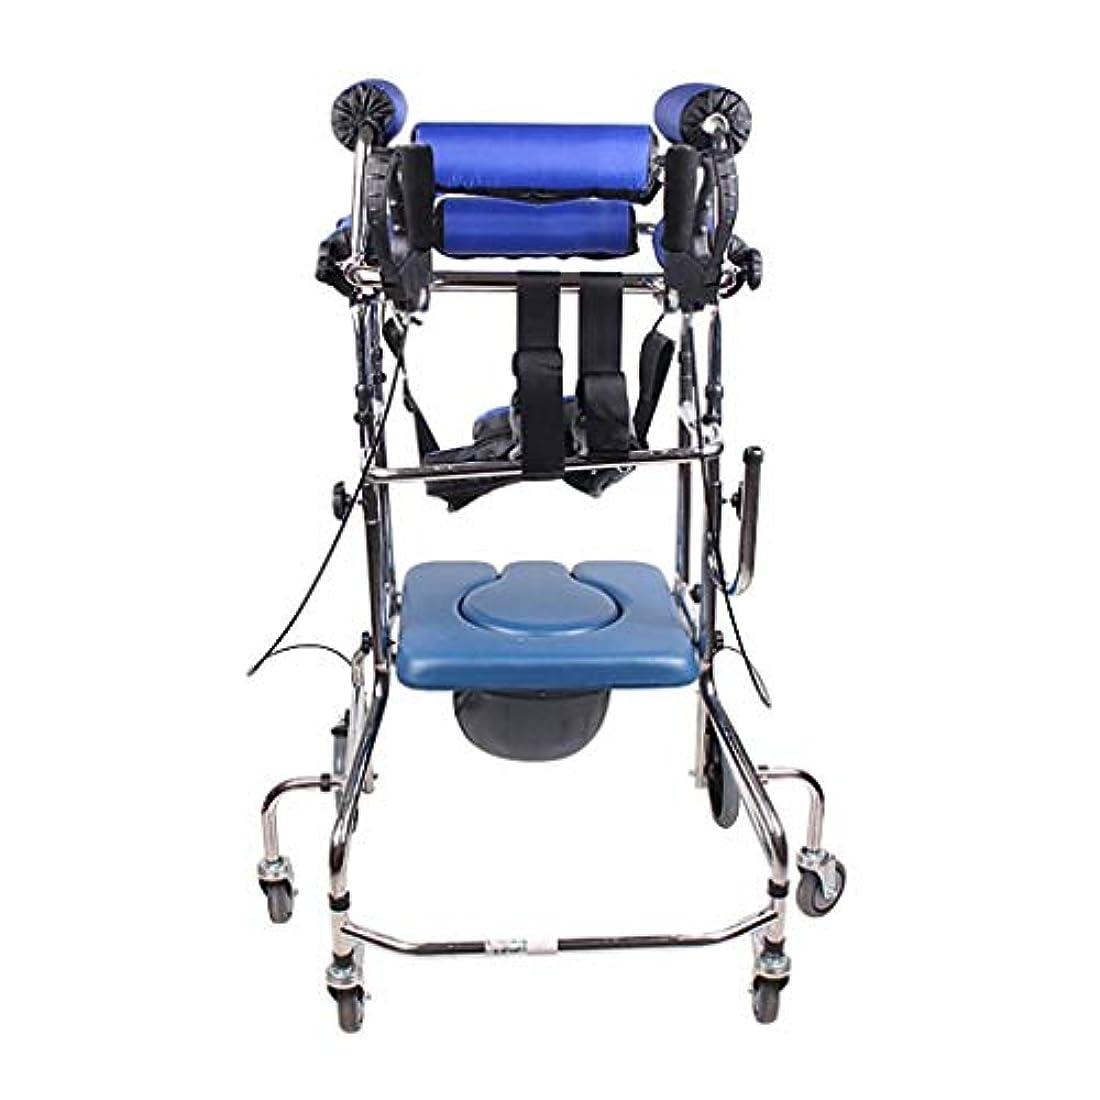 ロッド電気陽性ロータリー多機能下肢トレーニングウォーキングスタンド、調整可能な便器椅子